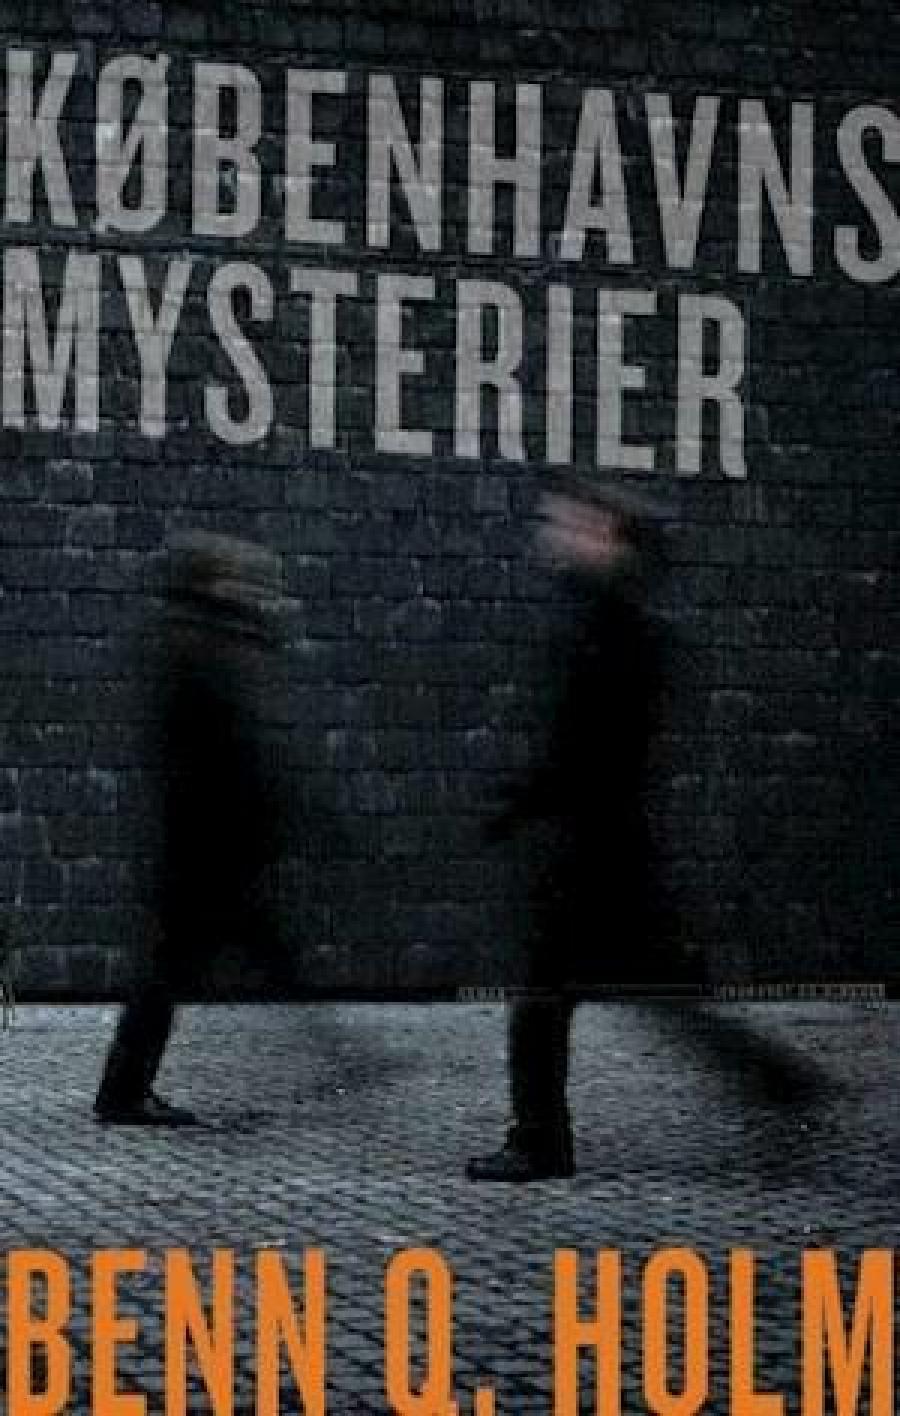 Københavns mysterier af Benn Q. Holm